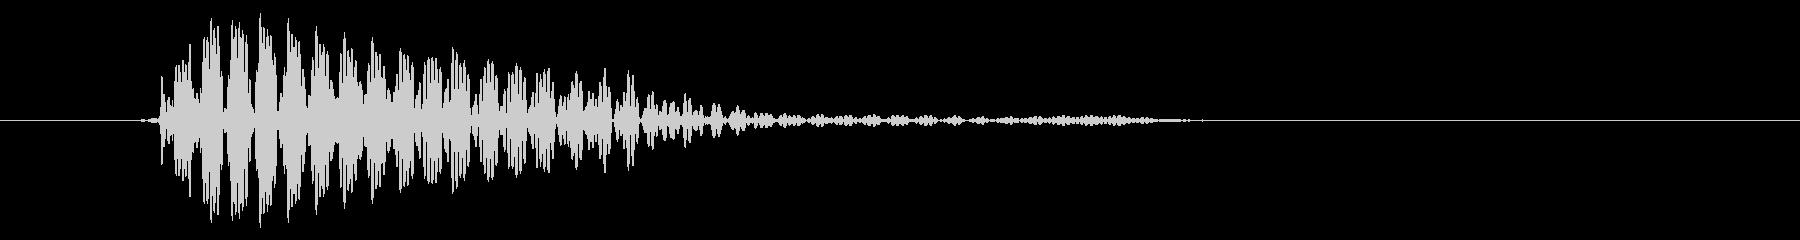 ブン(悪役の出現・瞬間移動)の未再生の波形